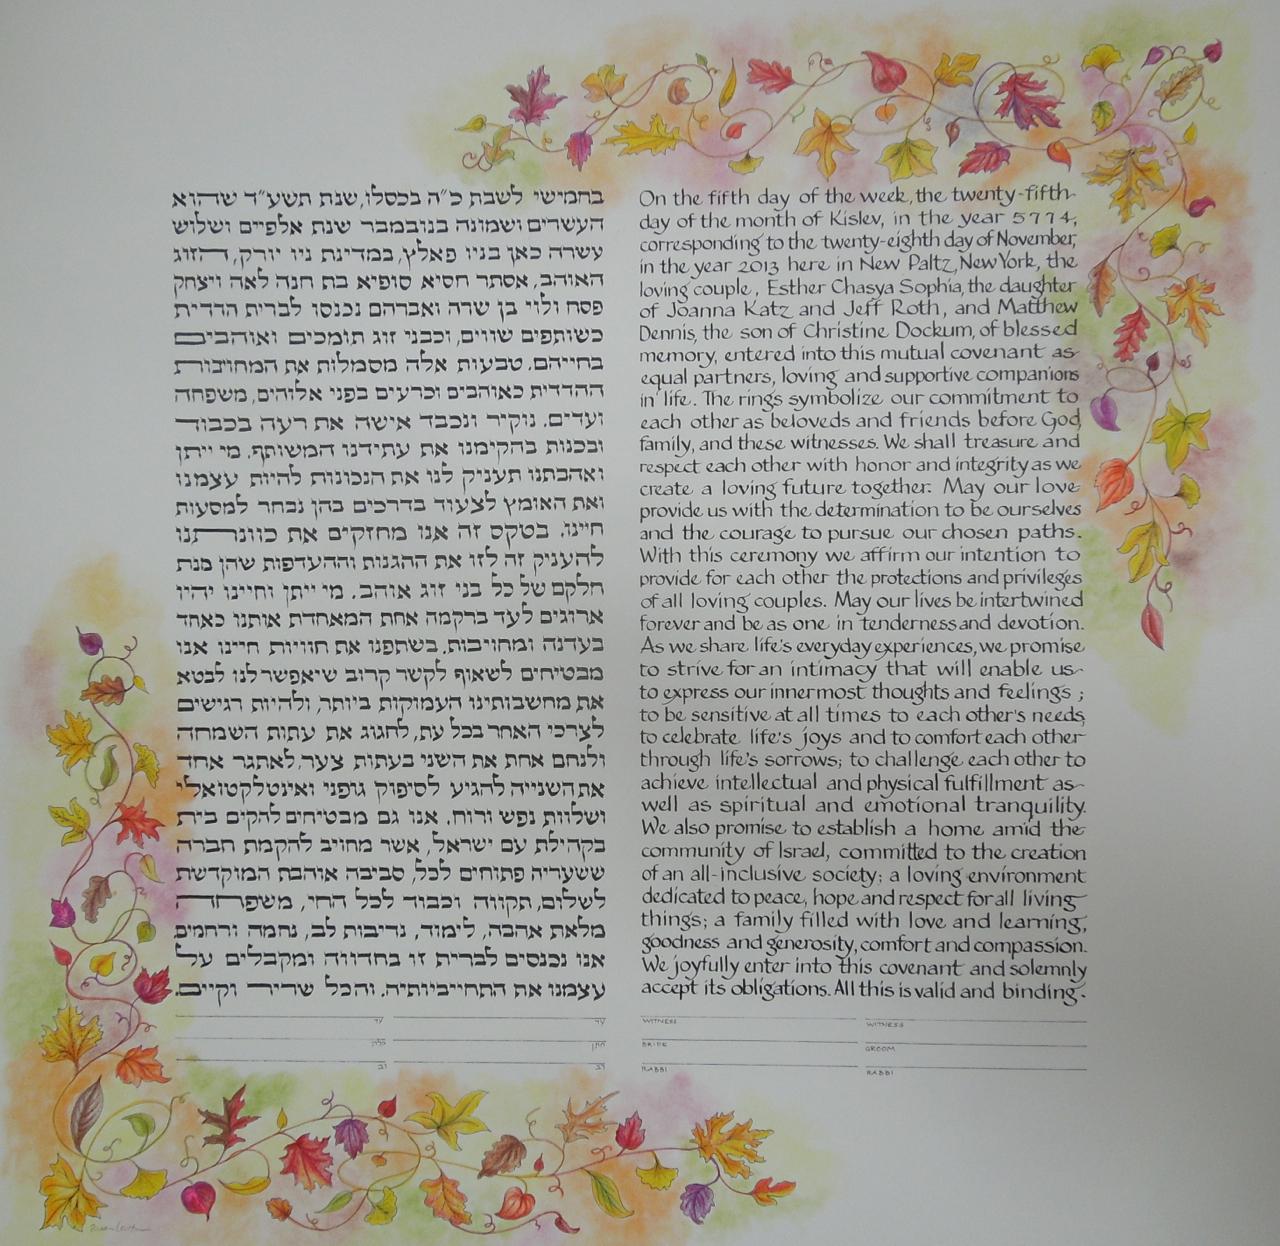 roth:katz ketubah 11:21